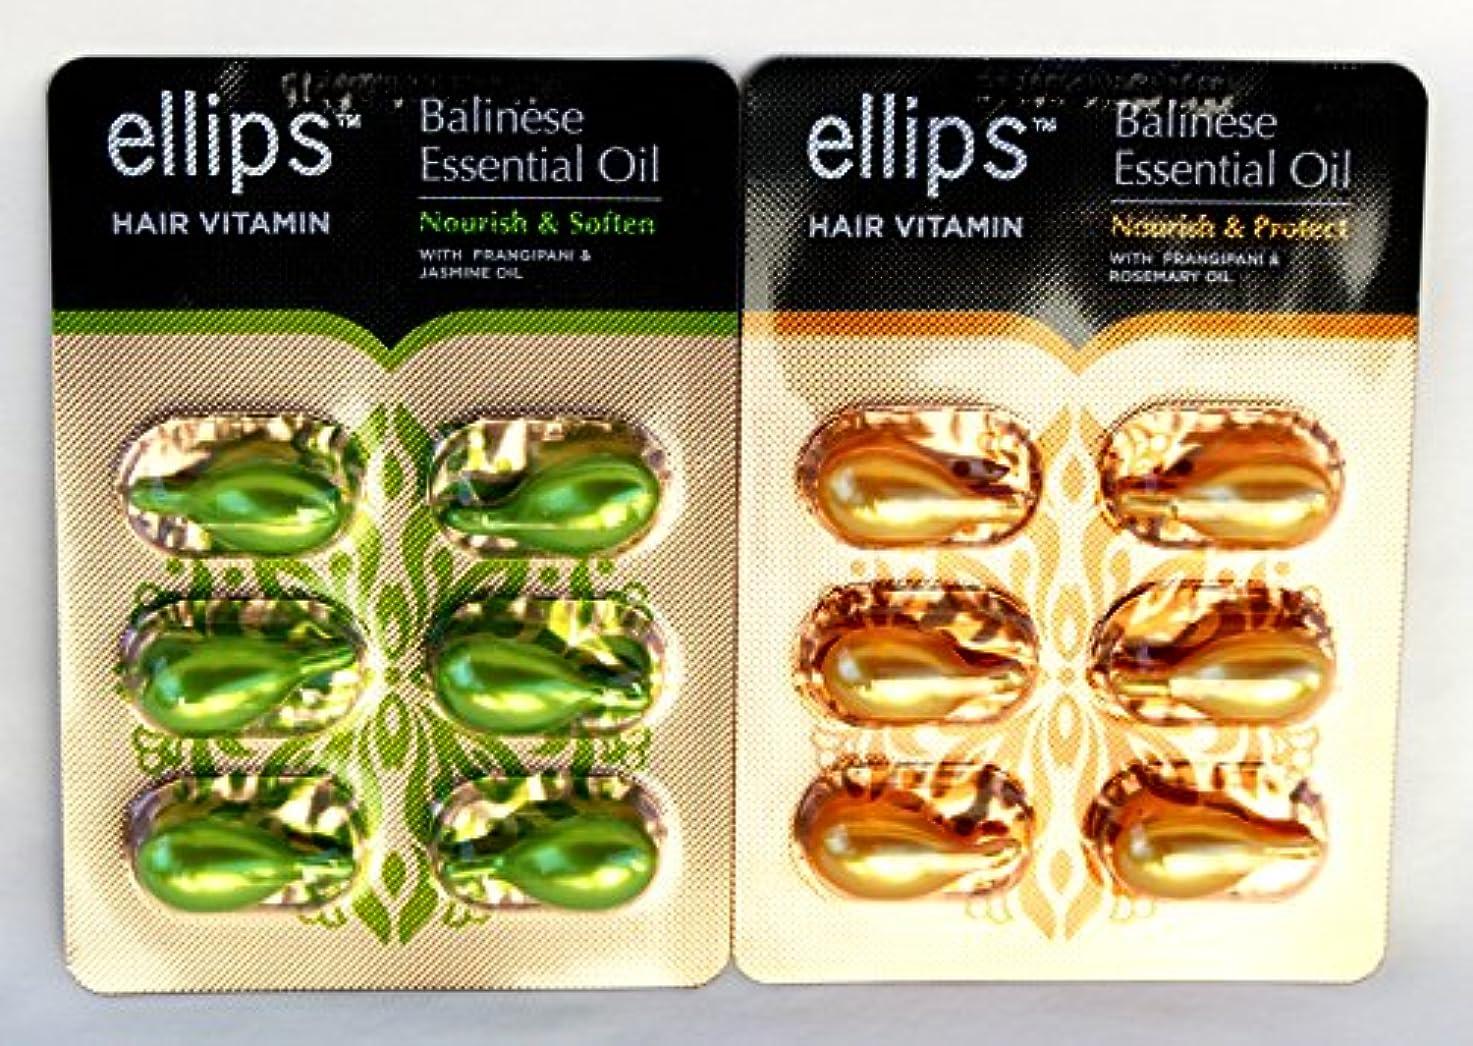 十代の若者たちマルコポーロ驚かすellips エリプス Hair Vitamin ヘア ビタミン Balinese Essential Oil バリニーズ エッセンシャルオイル 配合(フランジパニ & ローズマリー + フランジパニ & ジャスミン) 各6粒入シート(2枚) [並行輸入品][海外直送品]